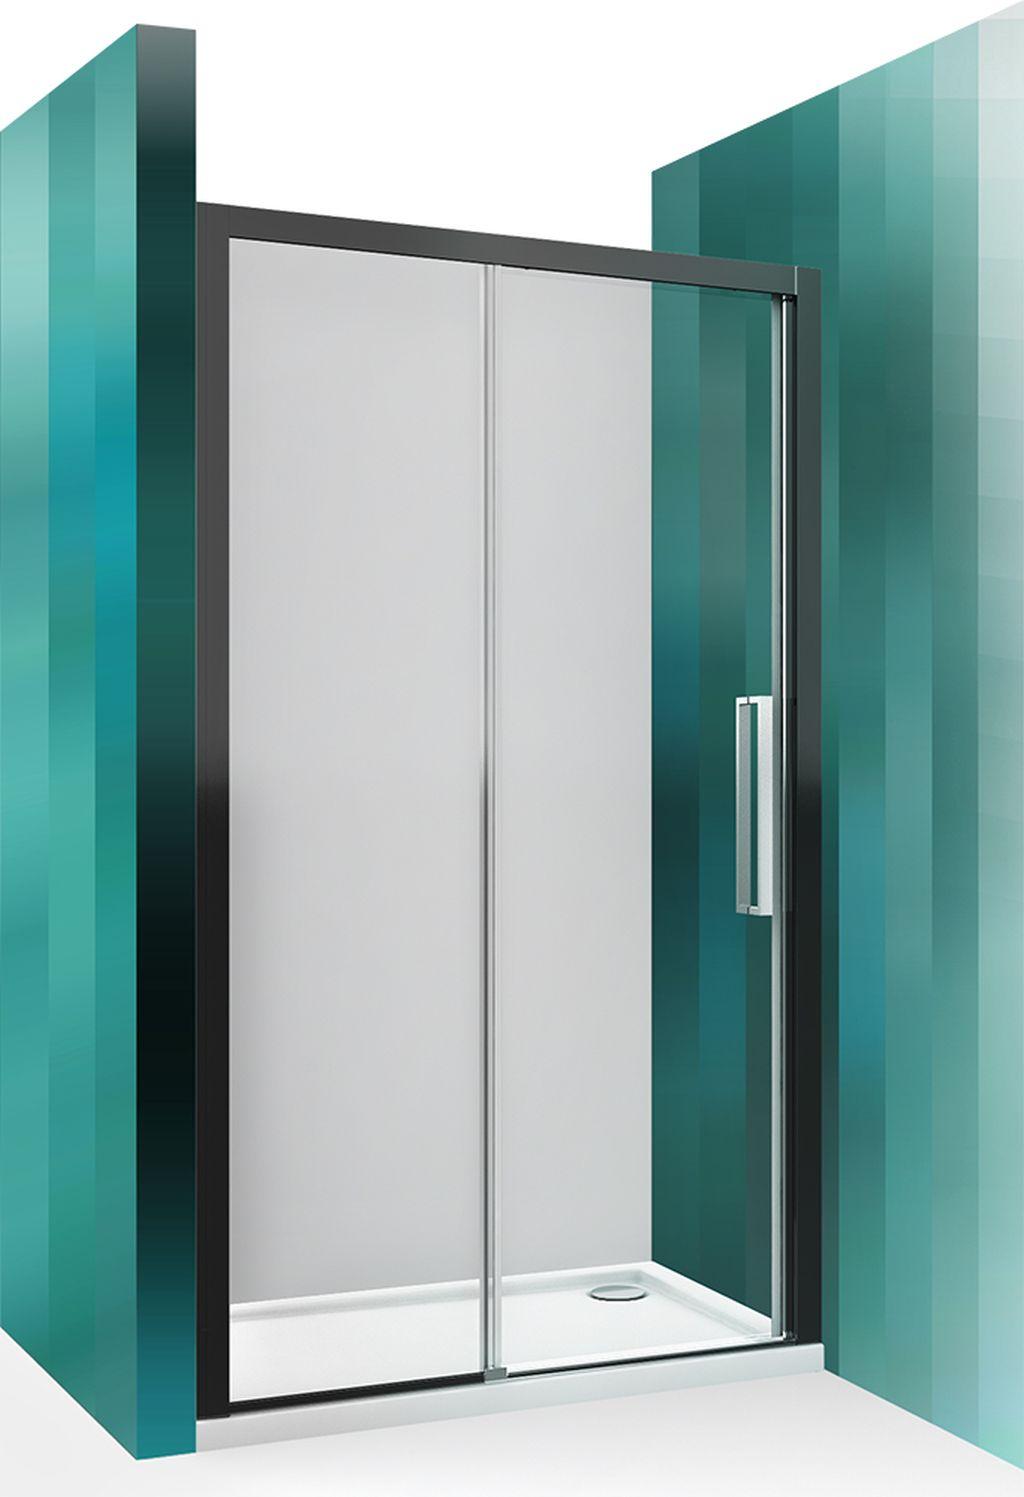 ROLTECHNIK Sprchové dveře posuvné pro instalaci do niky ECD2L/1200 černý elox/transparent 564-120000L-05-02